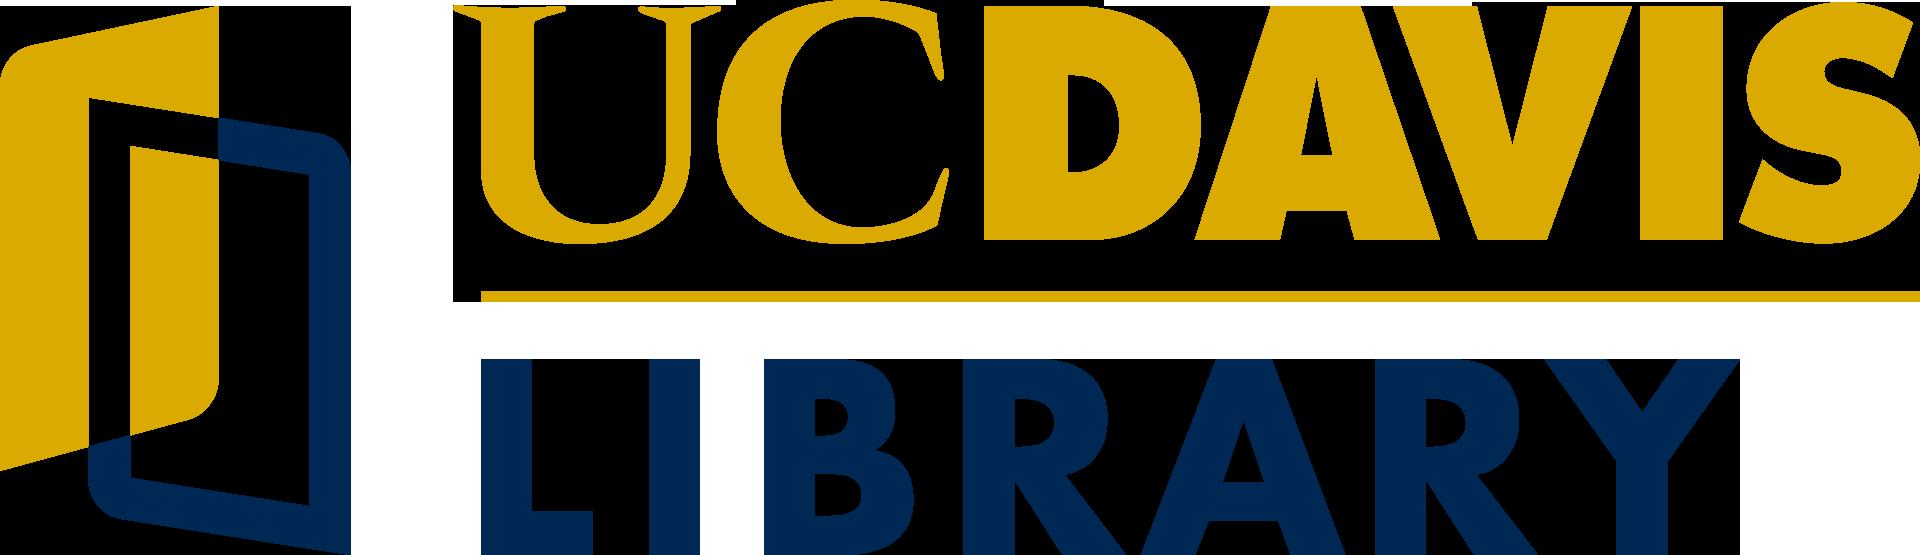 https://www.library.ucdavis.edu